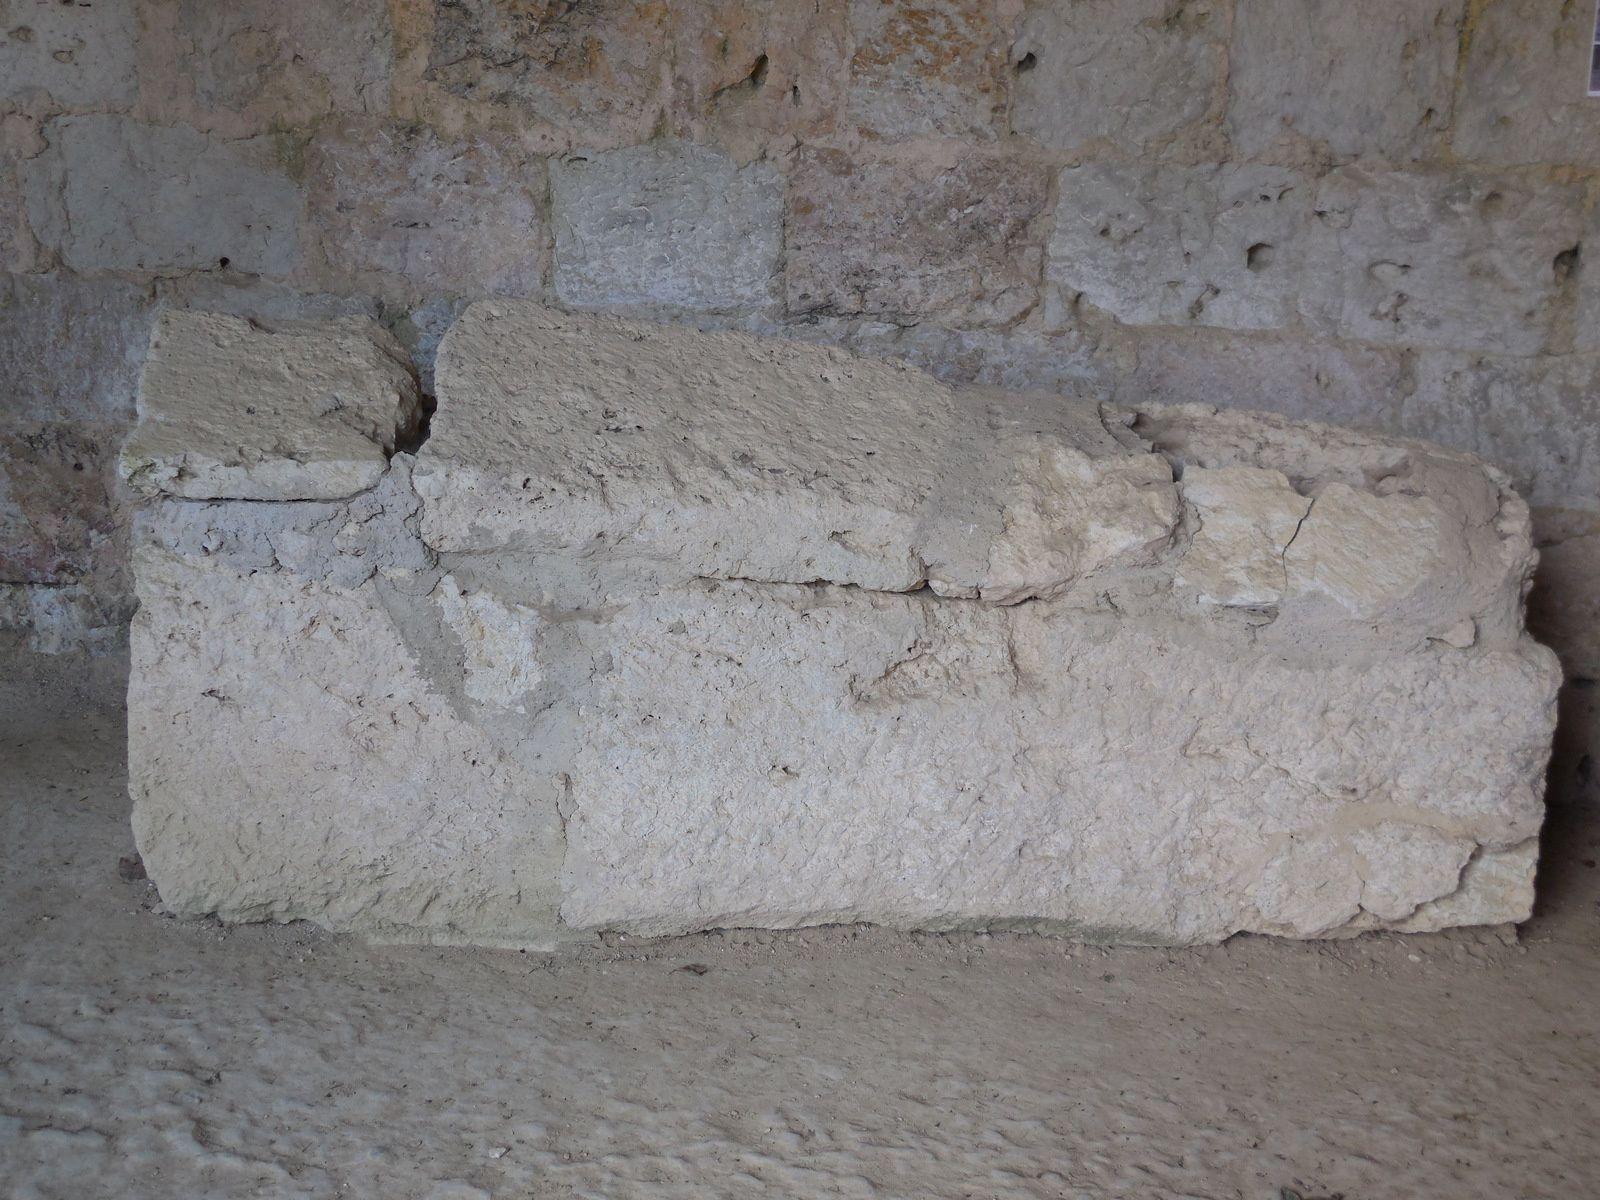 Sarcophage mérovingien du VIIème siècle. (La Romieu posséde également un important site mérovingien).